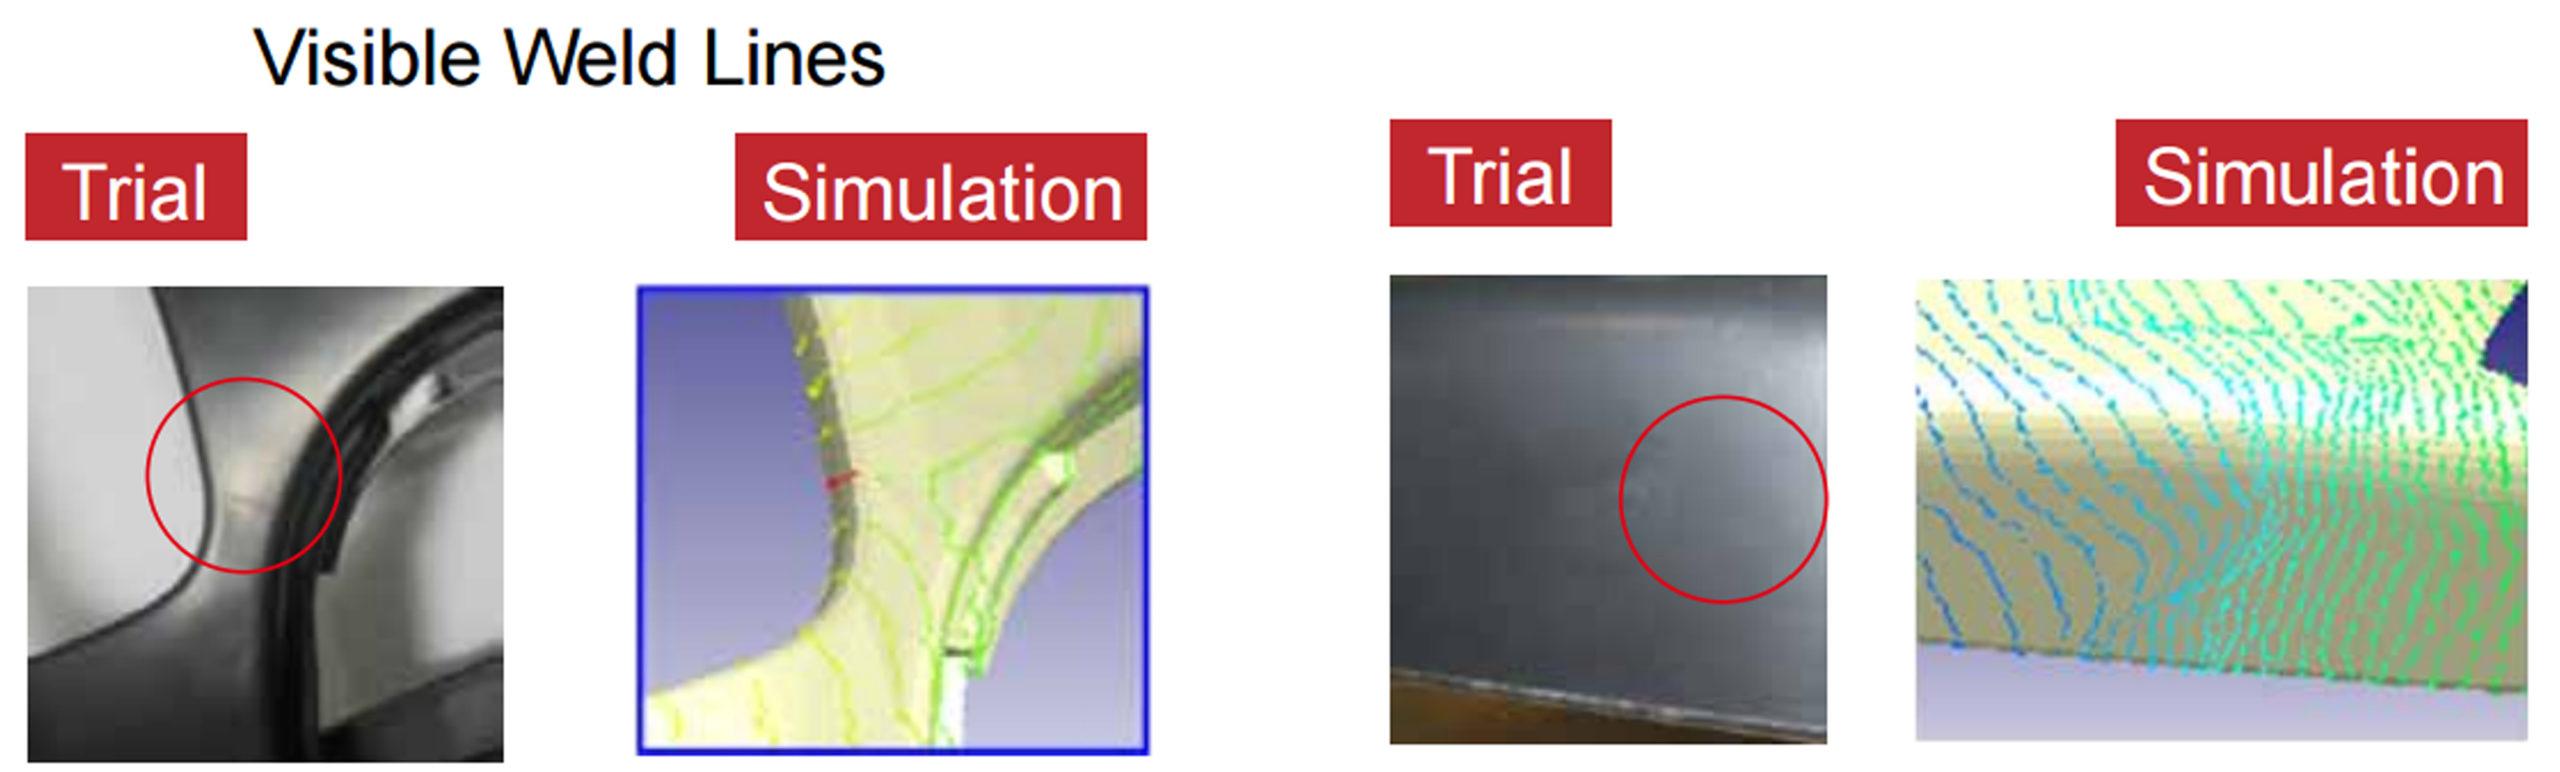 Porównanie symulacji z rzeczywistością – położenie linii łączenia (po lewej) i ślady płynięcia (po prawej)